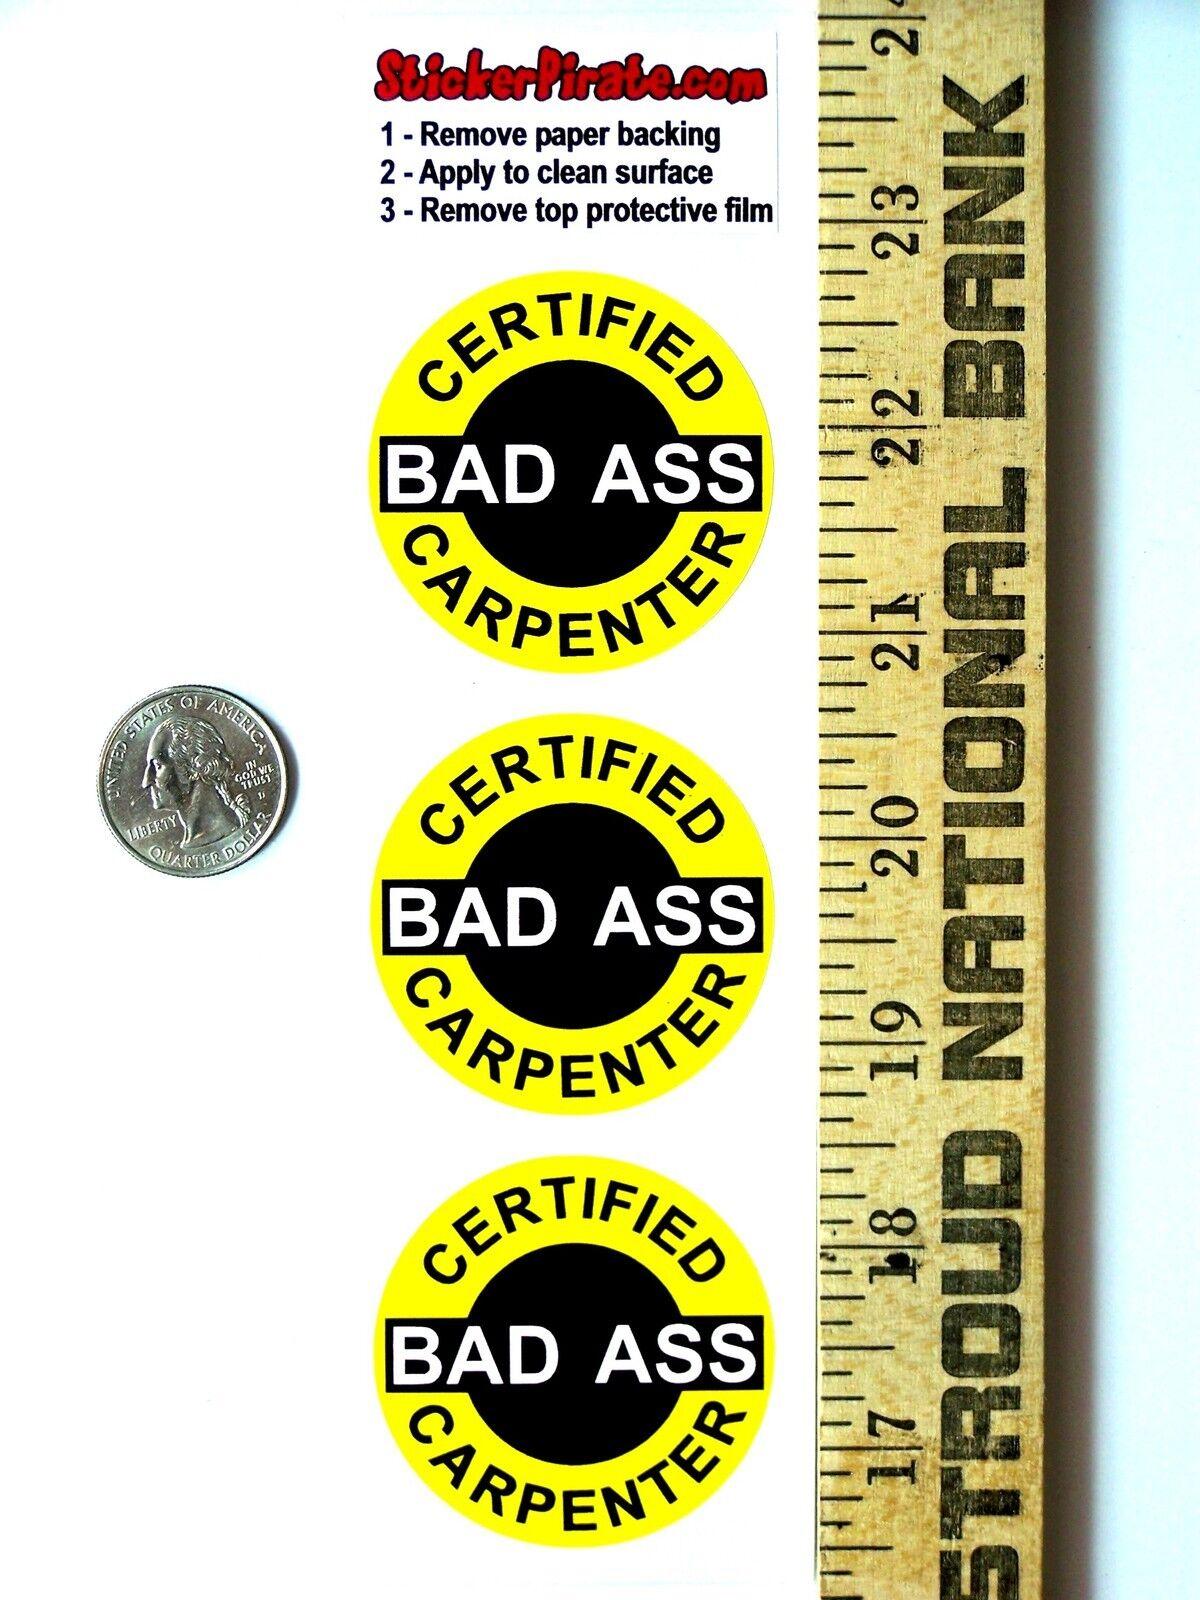 """Certified Bad Ass Carpenter 2"""" Hard Hat 3 helmet Stickers H591"""